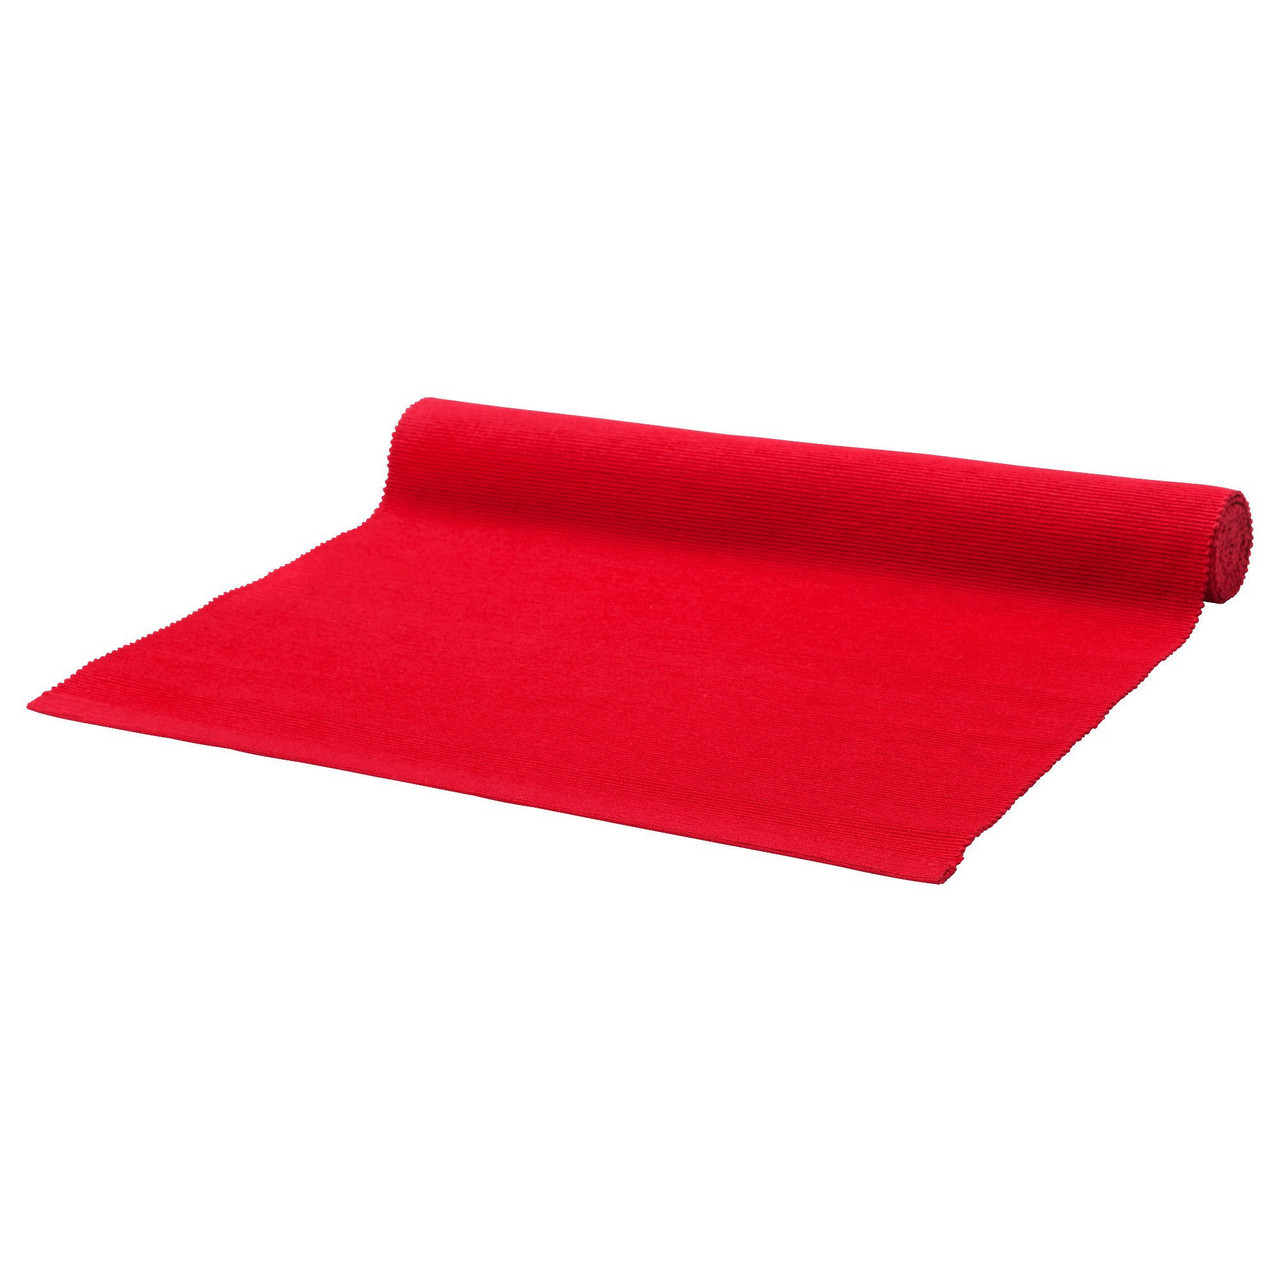 МЭРИТ Салфетка настольная, ярко-красный, 35x130 см, 70364488 IKEA, ИКЕ